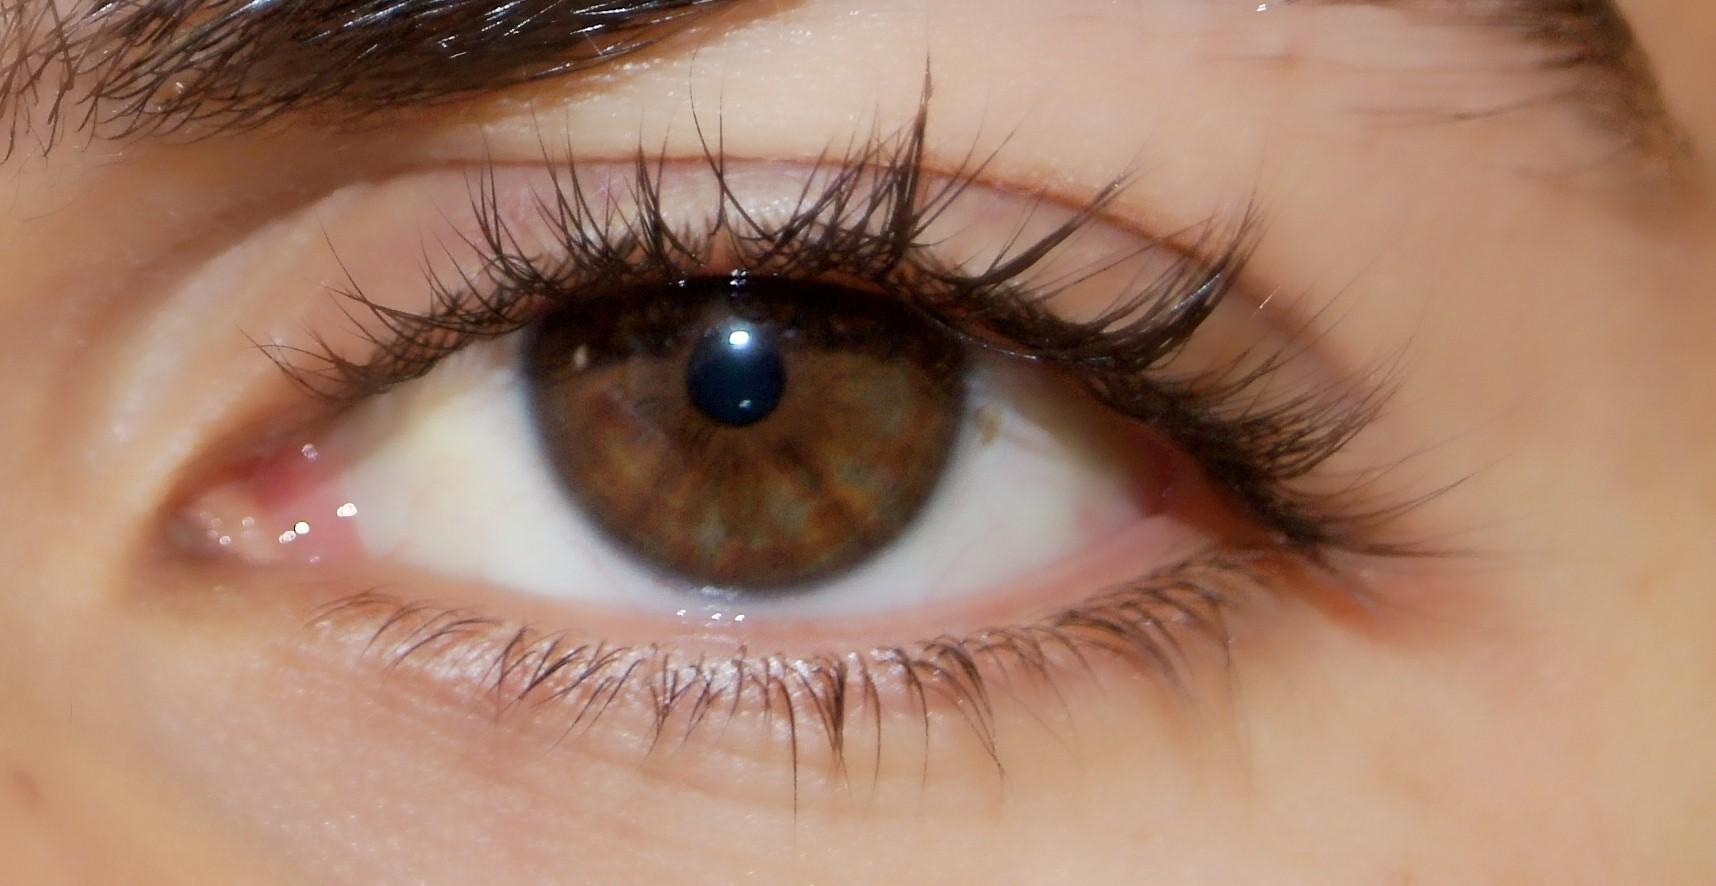 بالصور صور عيون عسليه , صور اجمل عيون عسلي 1377 5